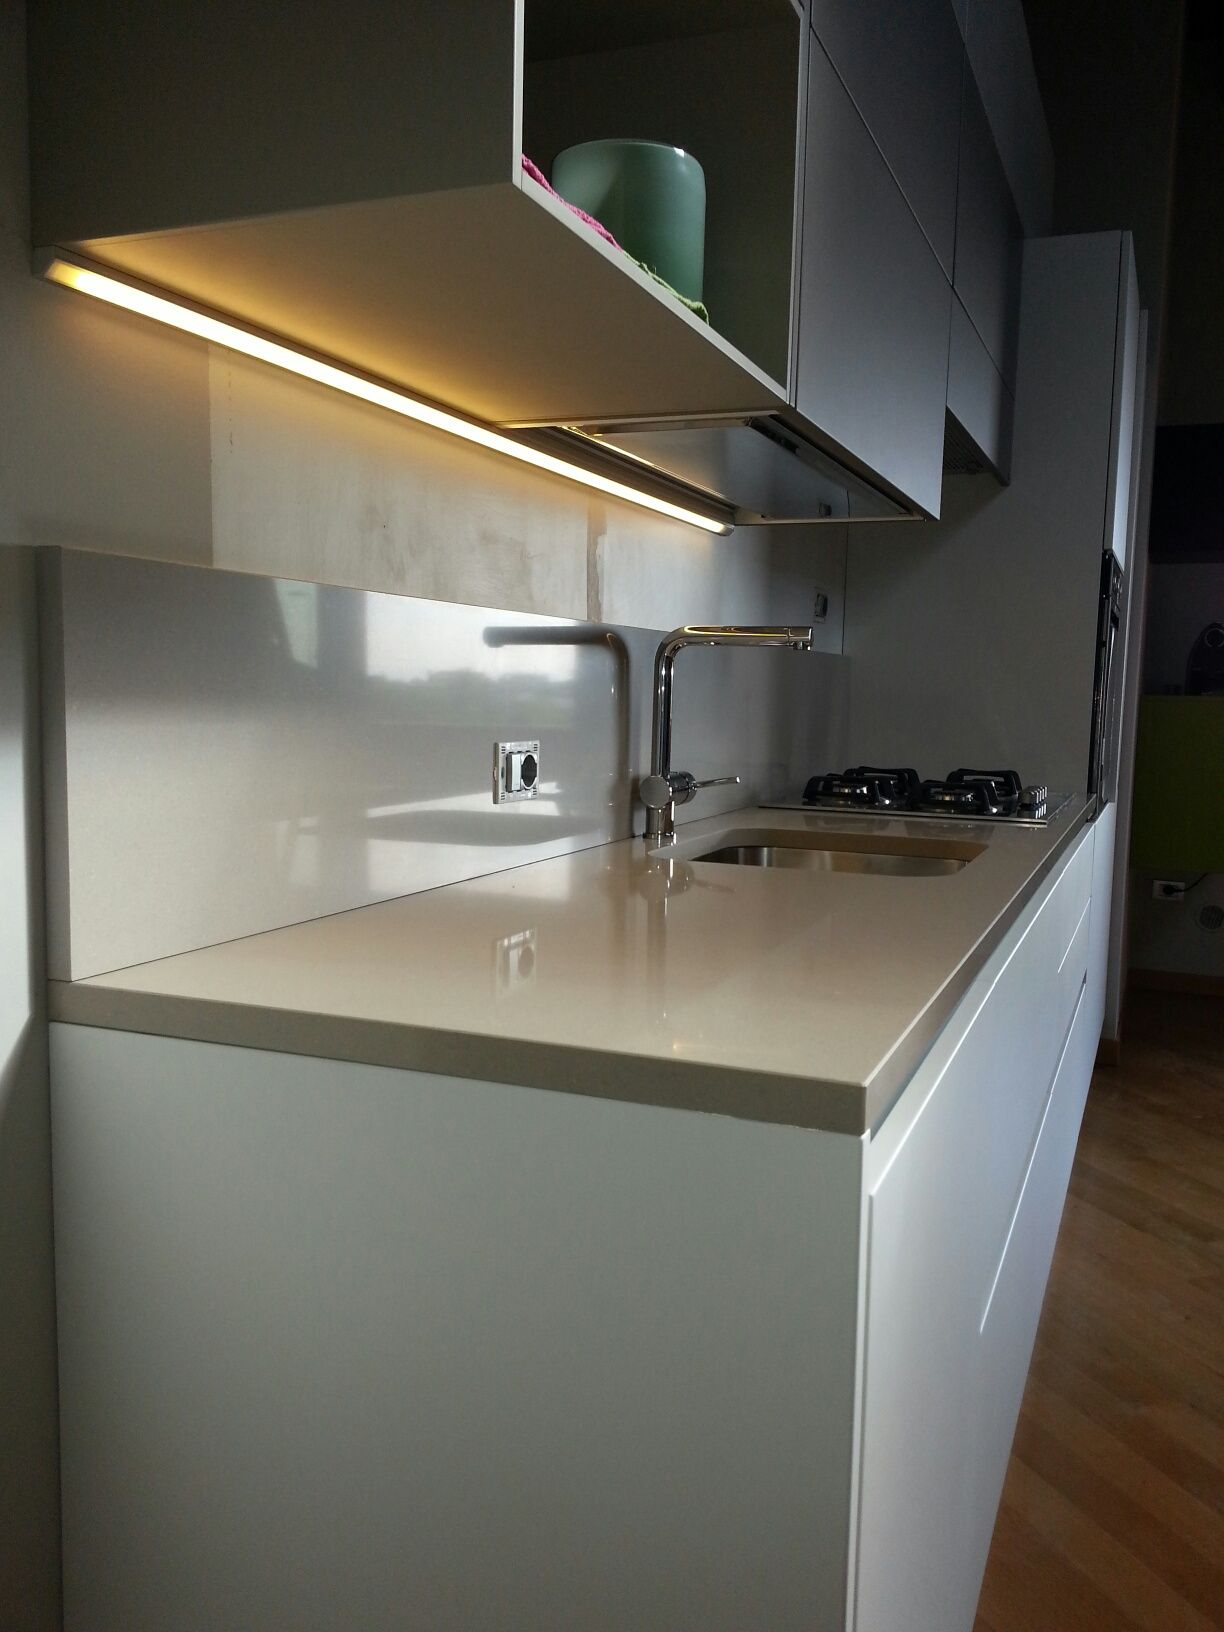 Illuminazione led sotto pensile cucina realizzata della for Led per cucina